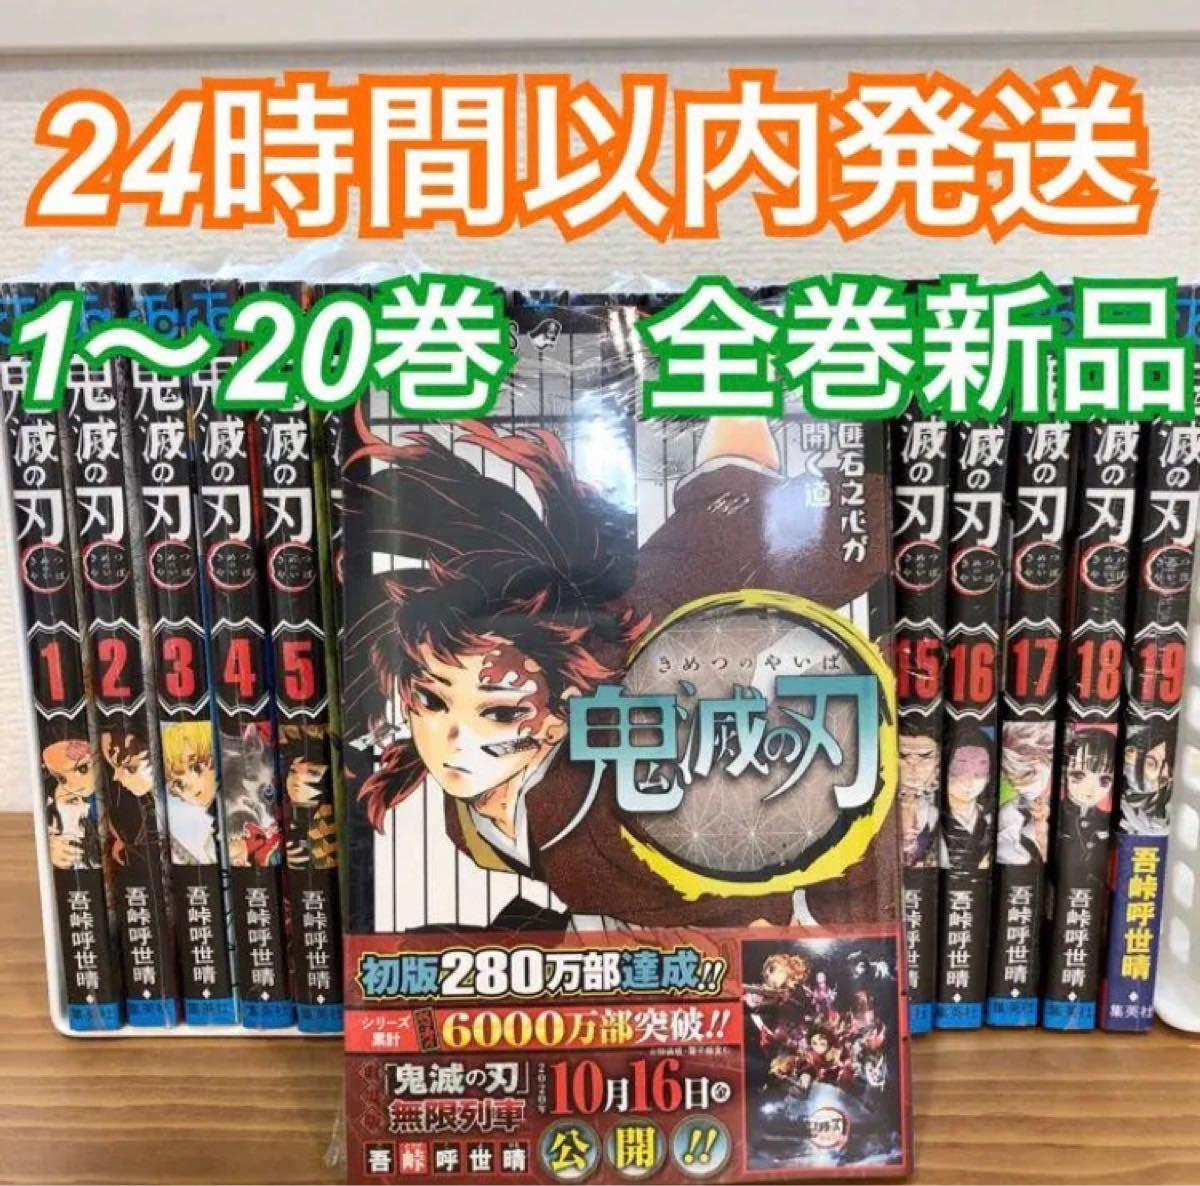 鬼滅の刃 1〜20巻 全巻セット 漫画本 コミック 鬼滅ノ刃 キメツノヤイバ